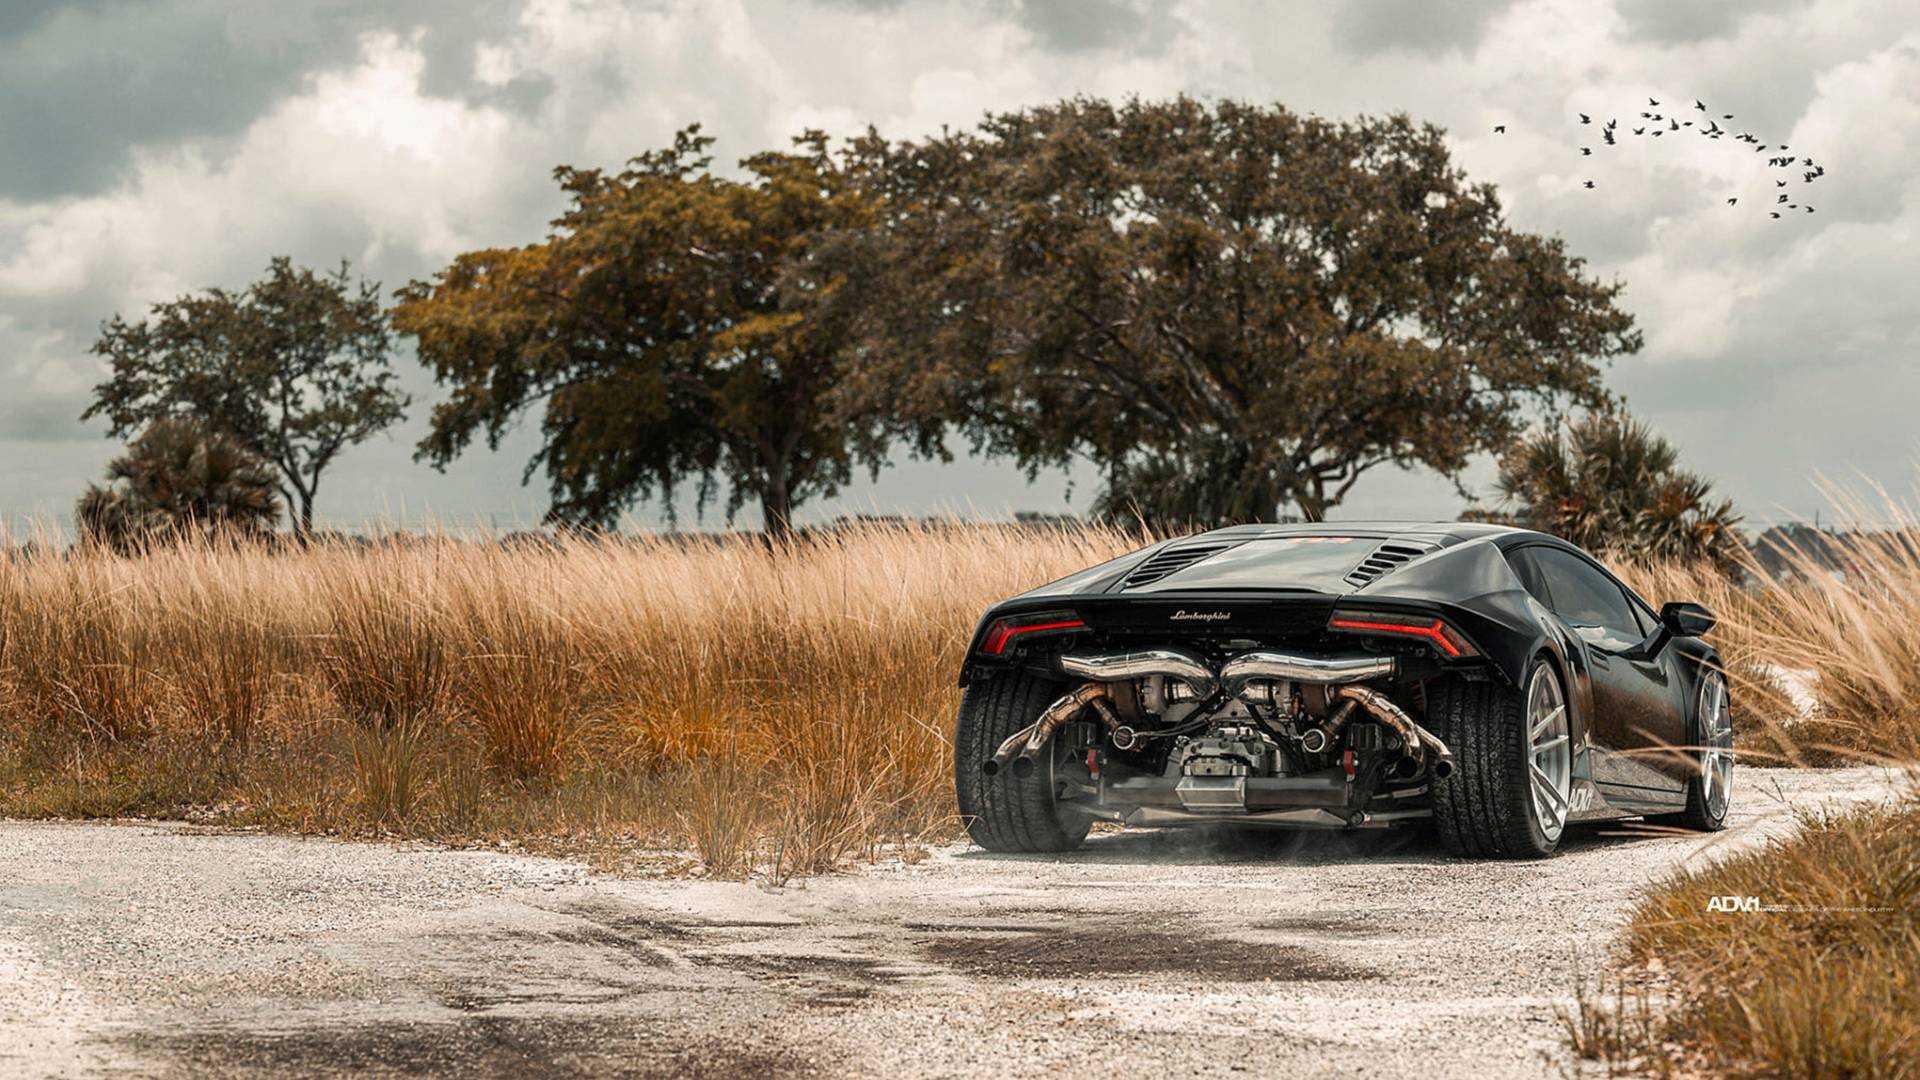 Biturbo Lamborghini Hurac 225 N Has 850 Hp And No Rear Bumper